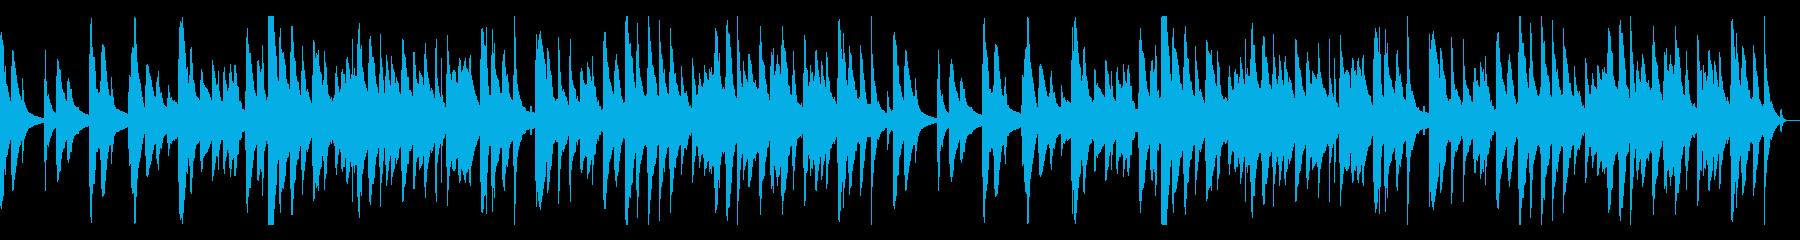 琴の鼓の純和風曲の再生済みの波形